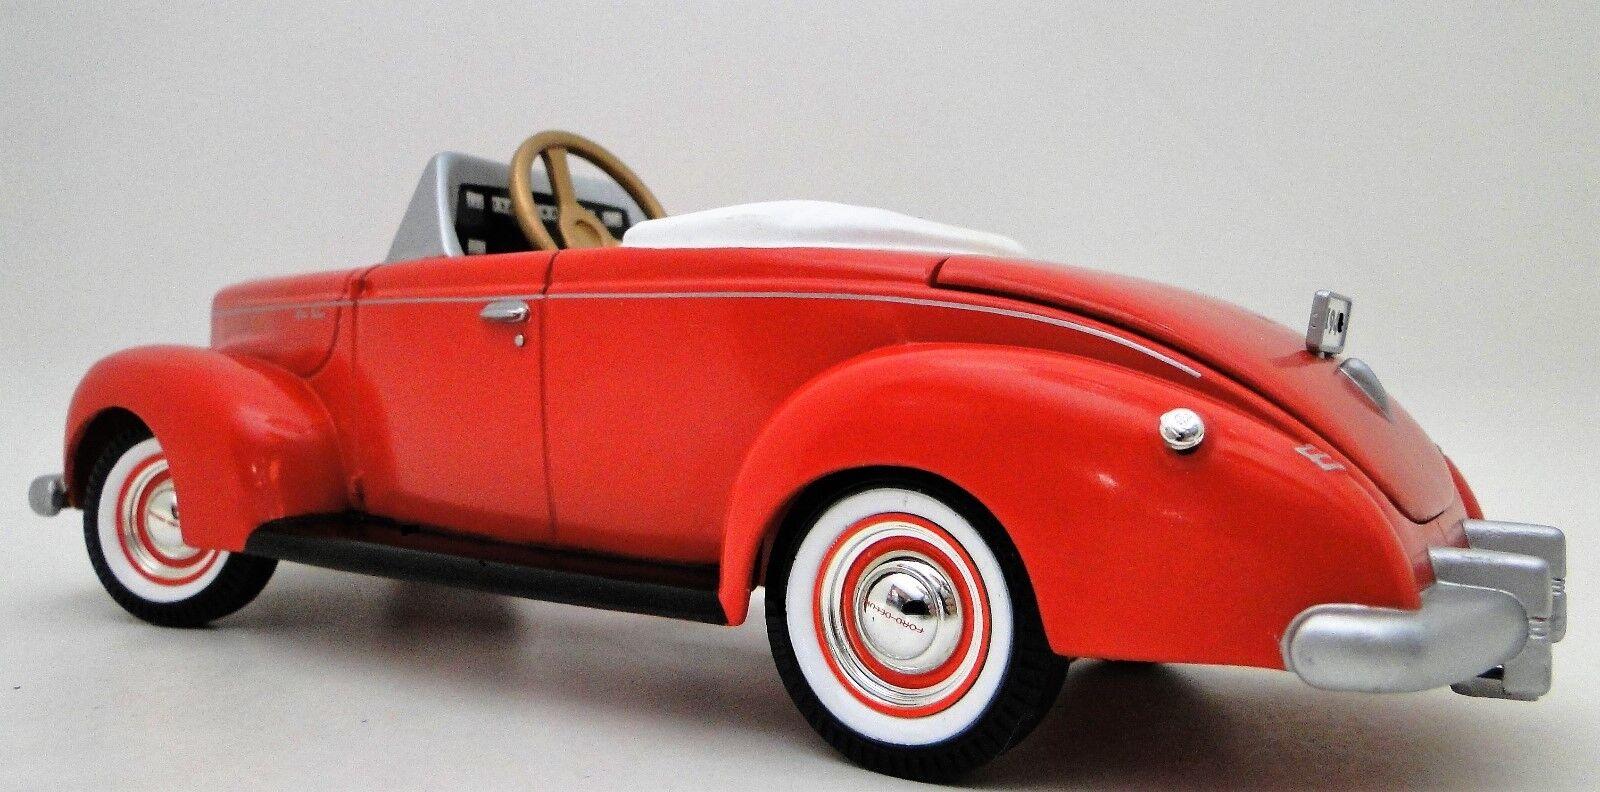 Pedal bil 1930 Ford årgång T röd Metal samlaor    PAPPA FÖR BEHÖRIG BESKRIVNING